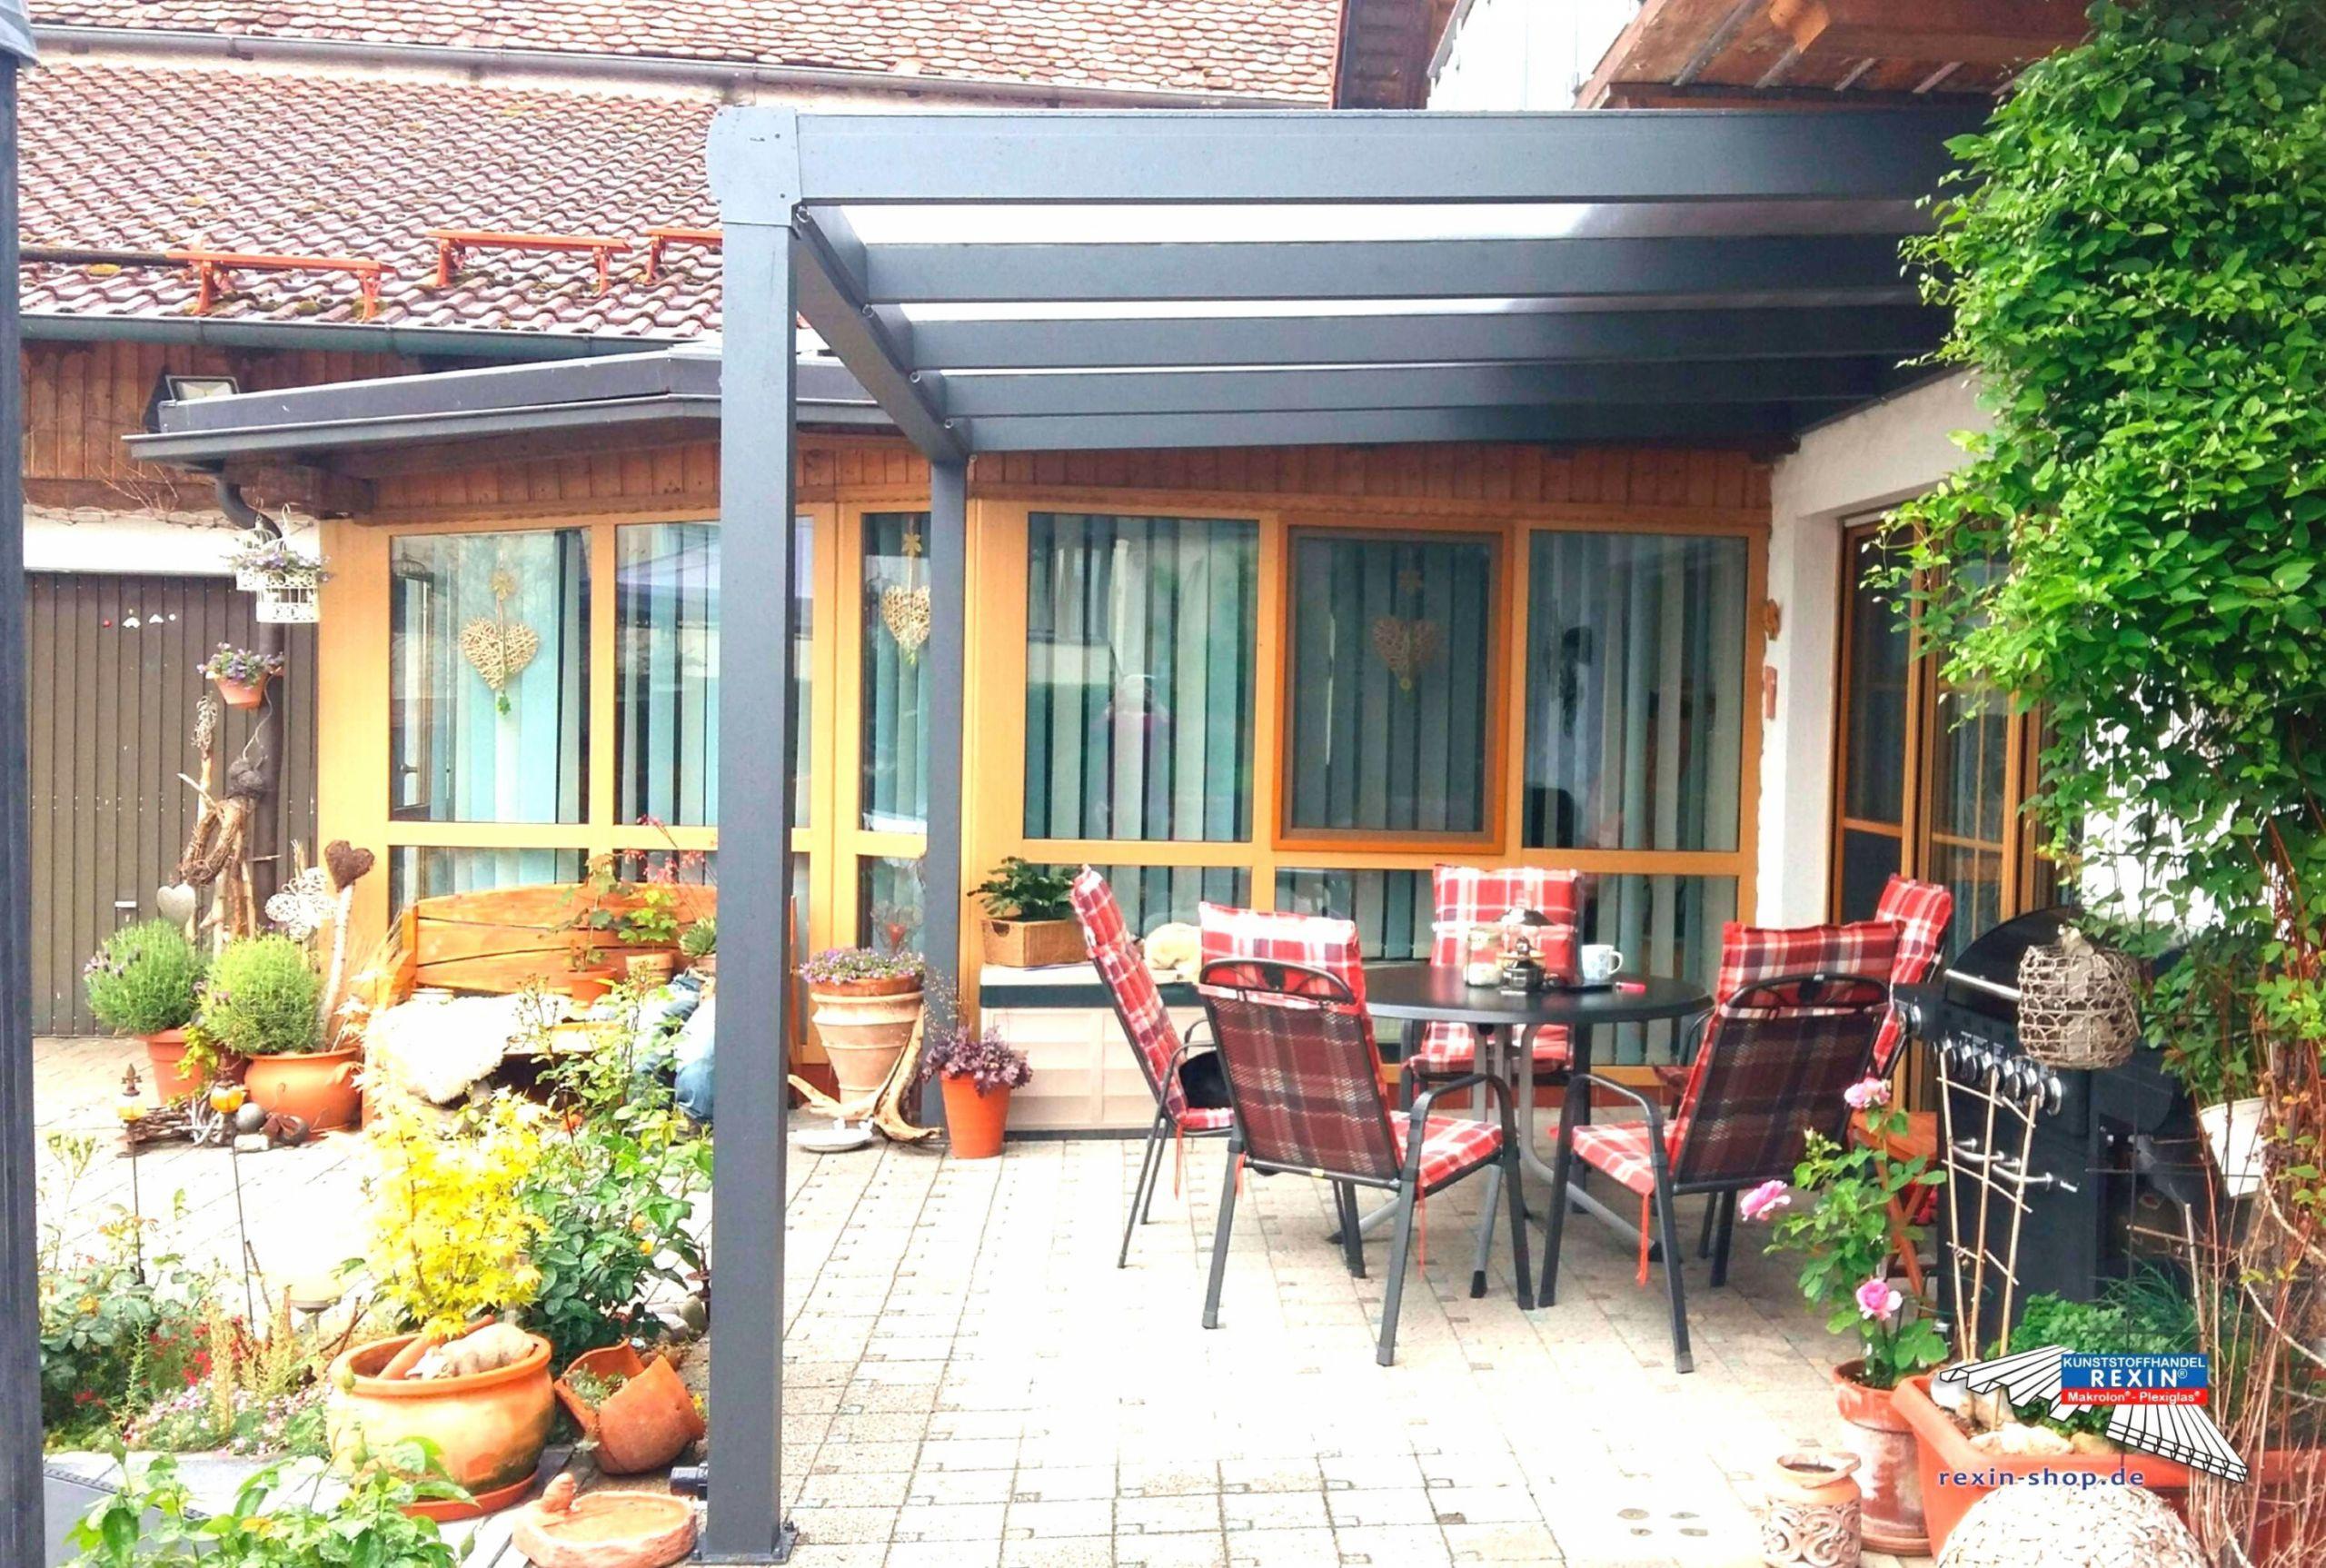 Gartengestaltung Ideen Modern Frisch Moderne Terrassen Ideen — Temobardz Home Blog